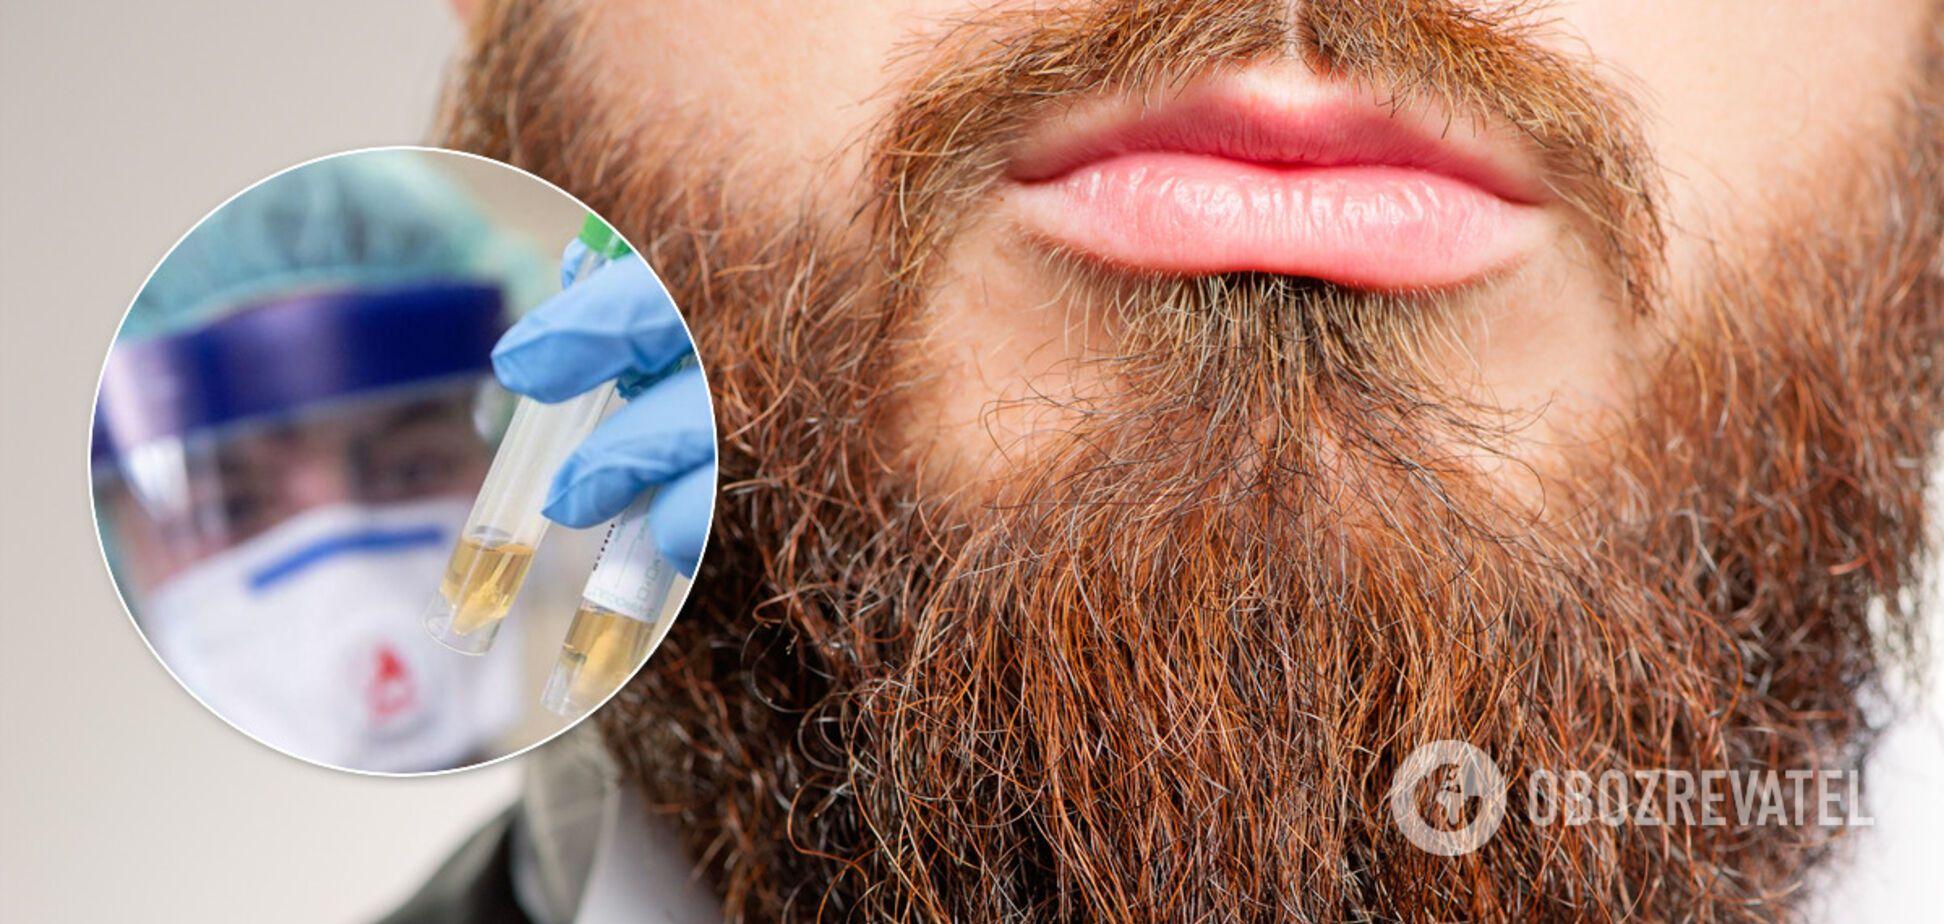 Борода підвищує ризик заразитися коронавірусом: як безпечно голитися